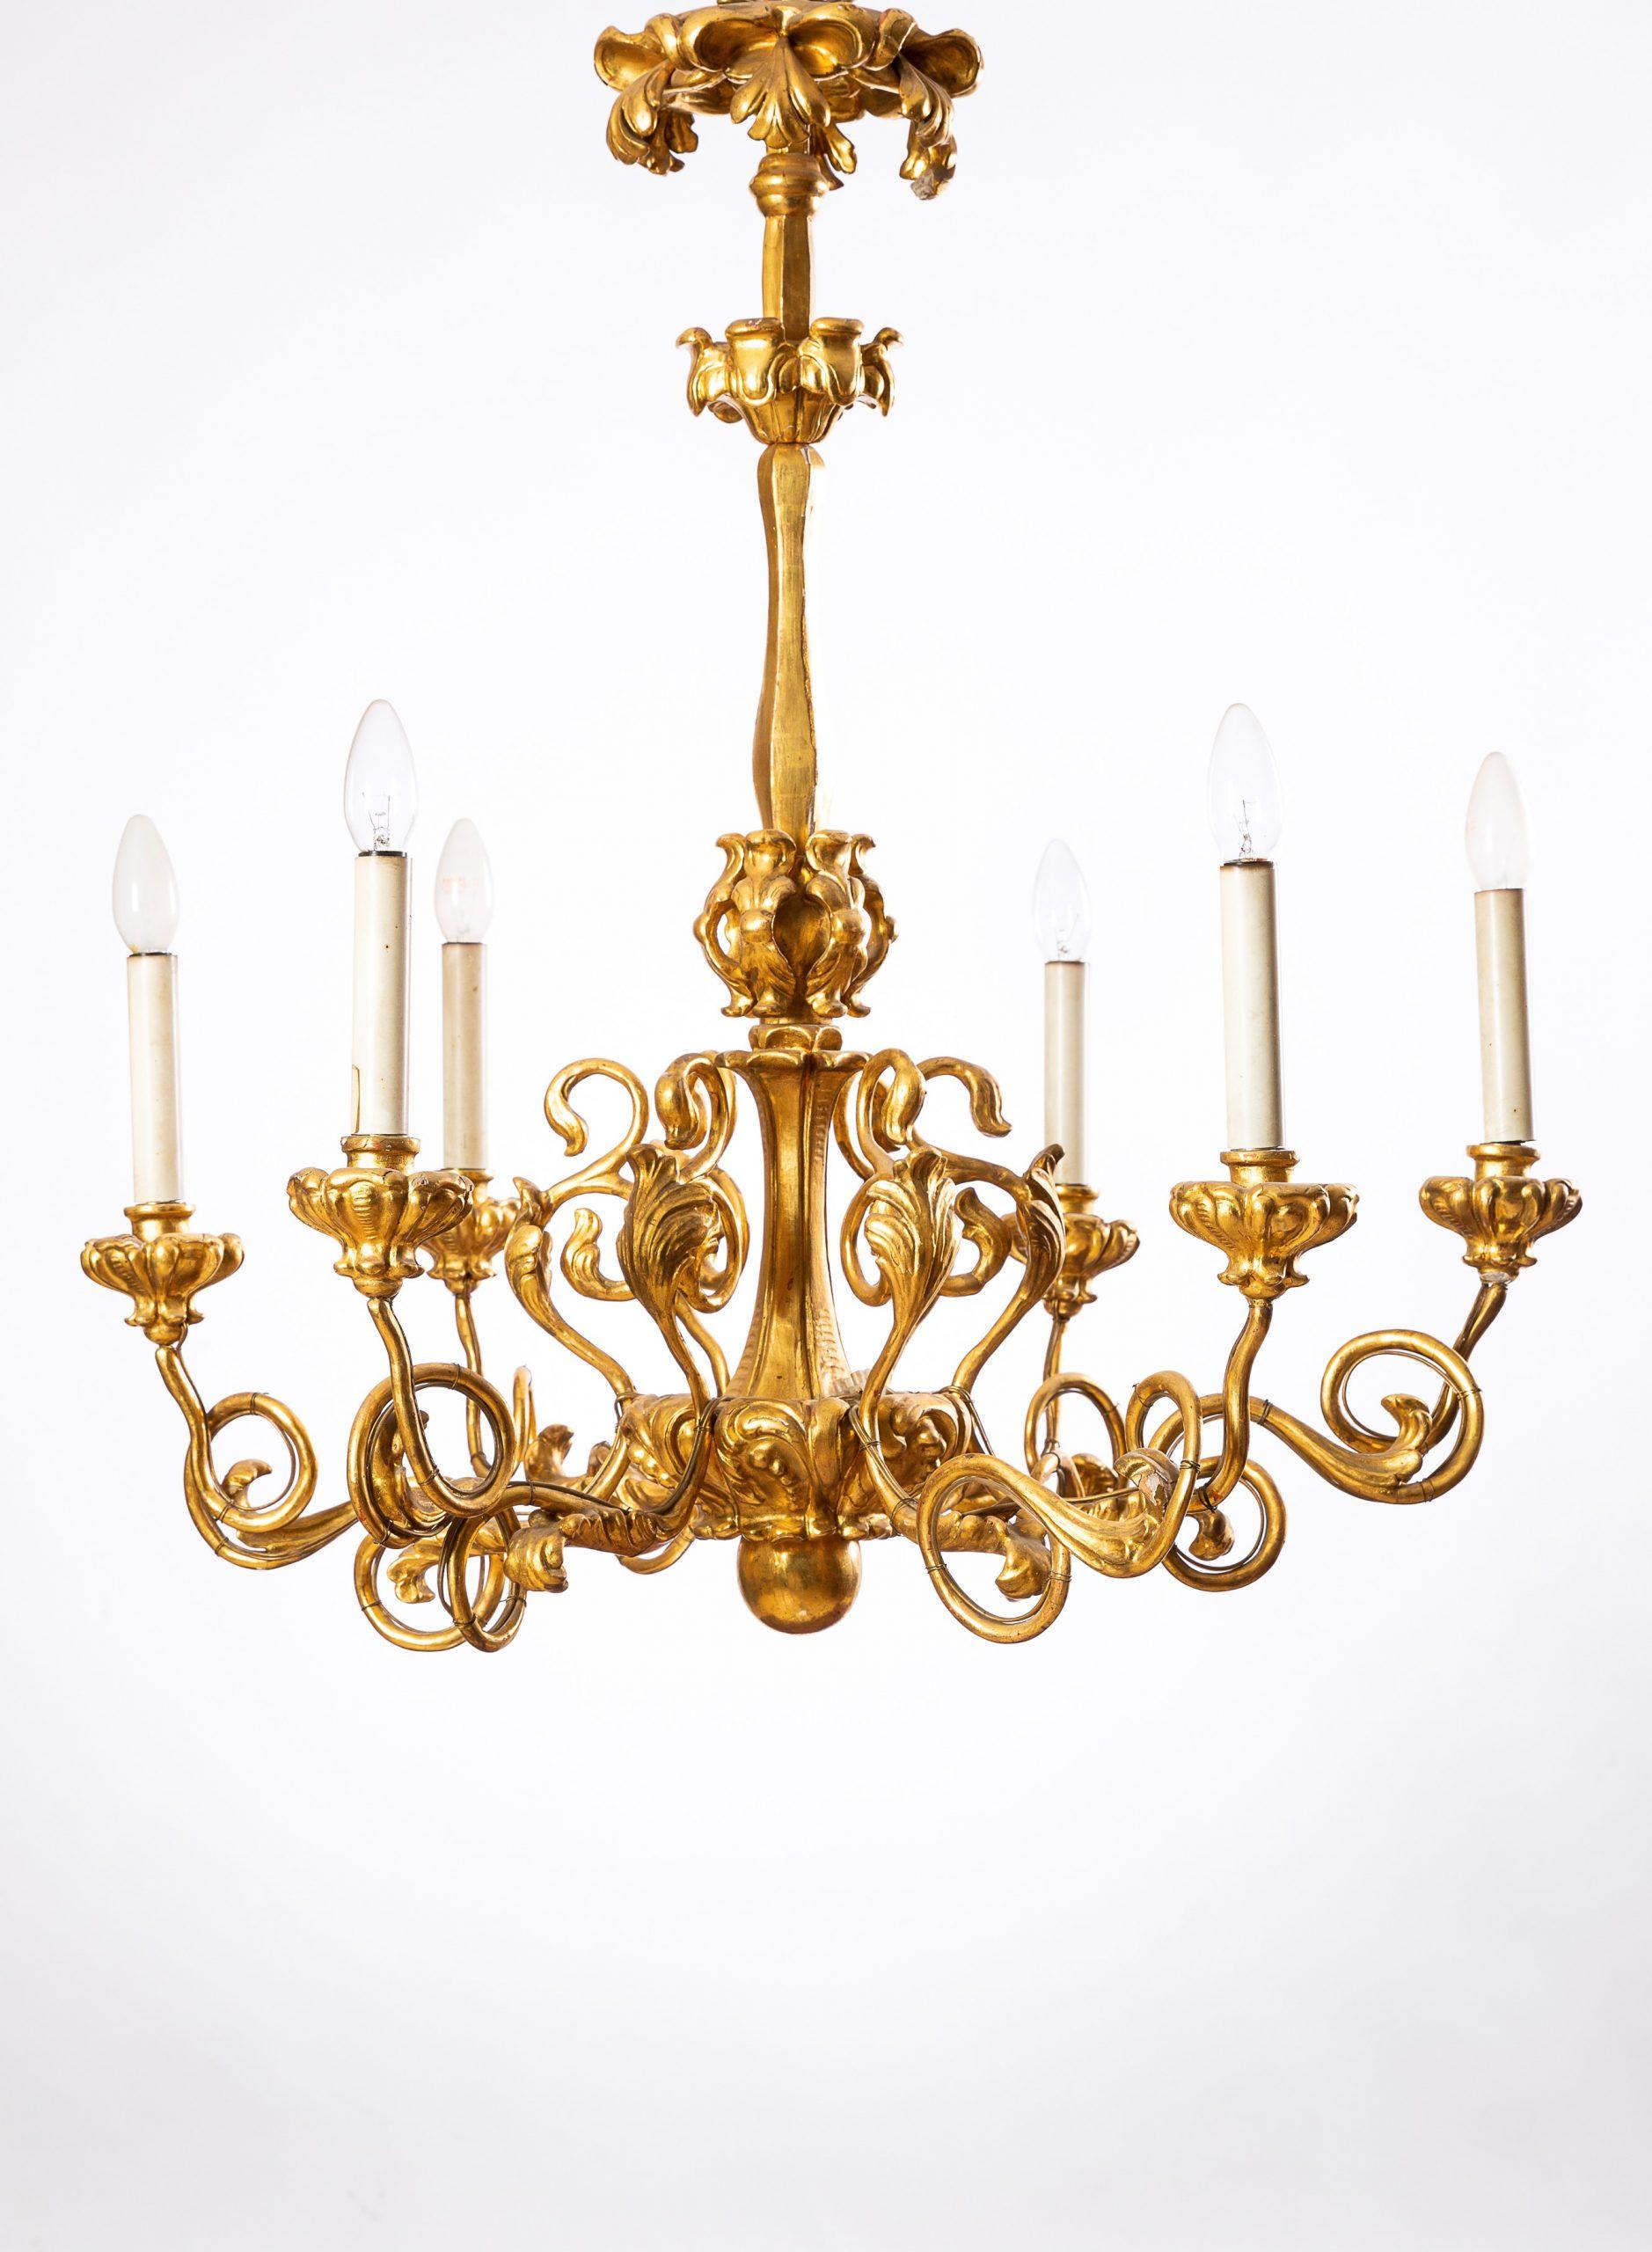 25 vergoldeter Holzluster, Biedermeier 1830-1835,